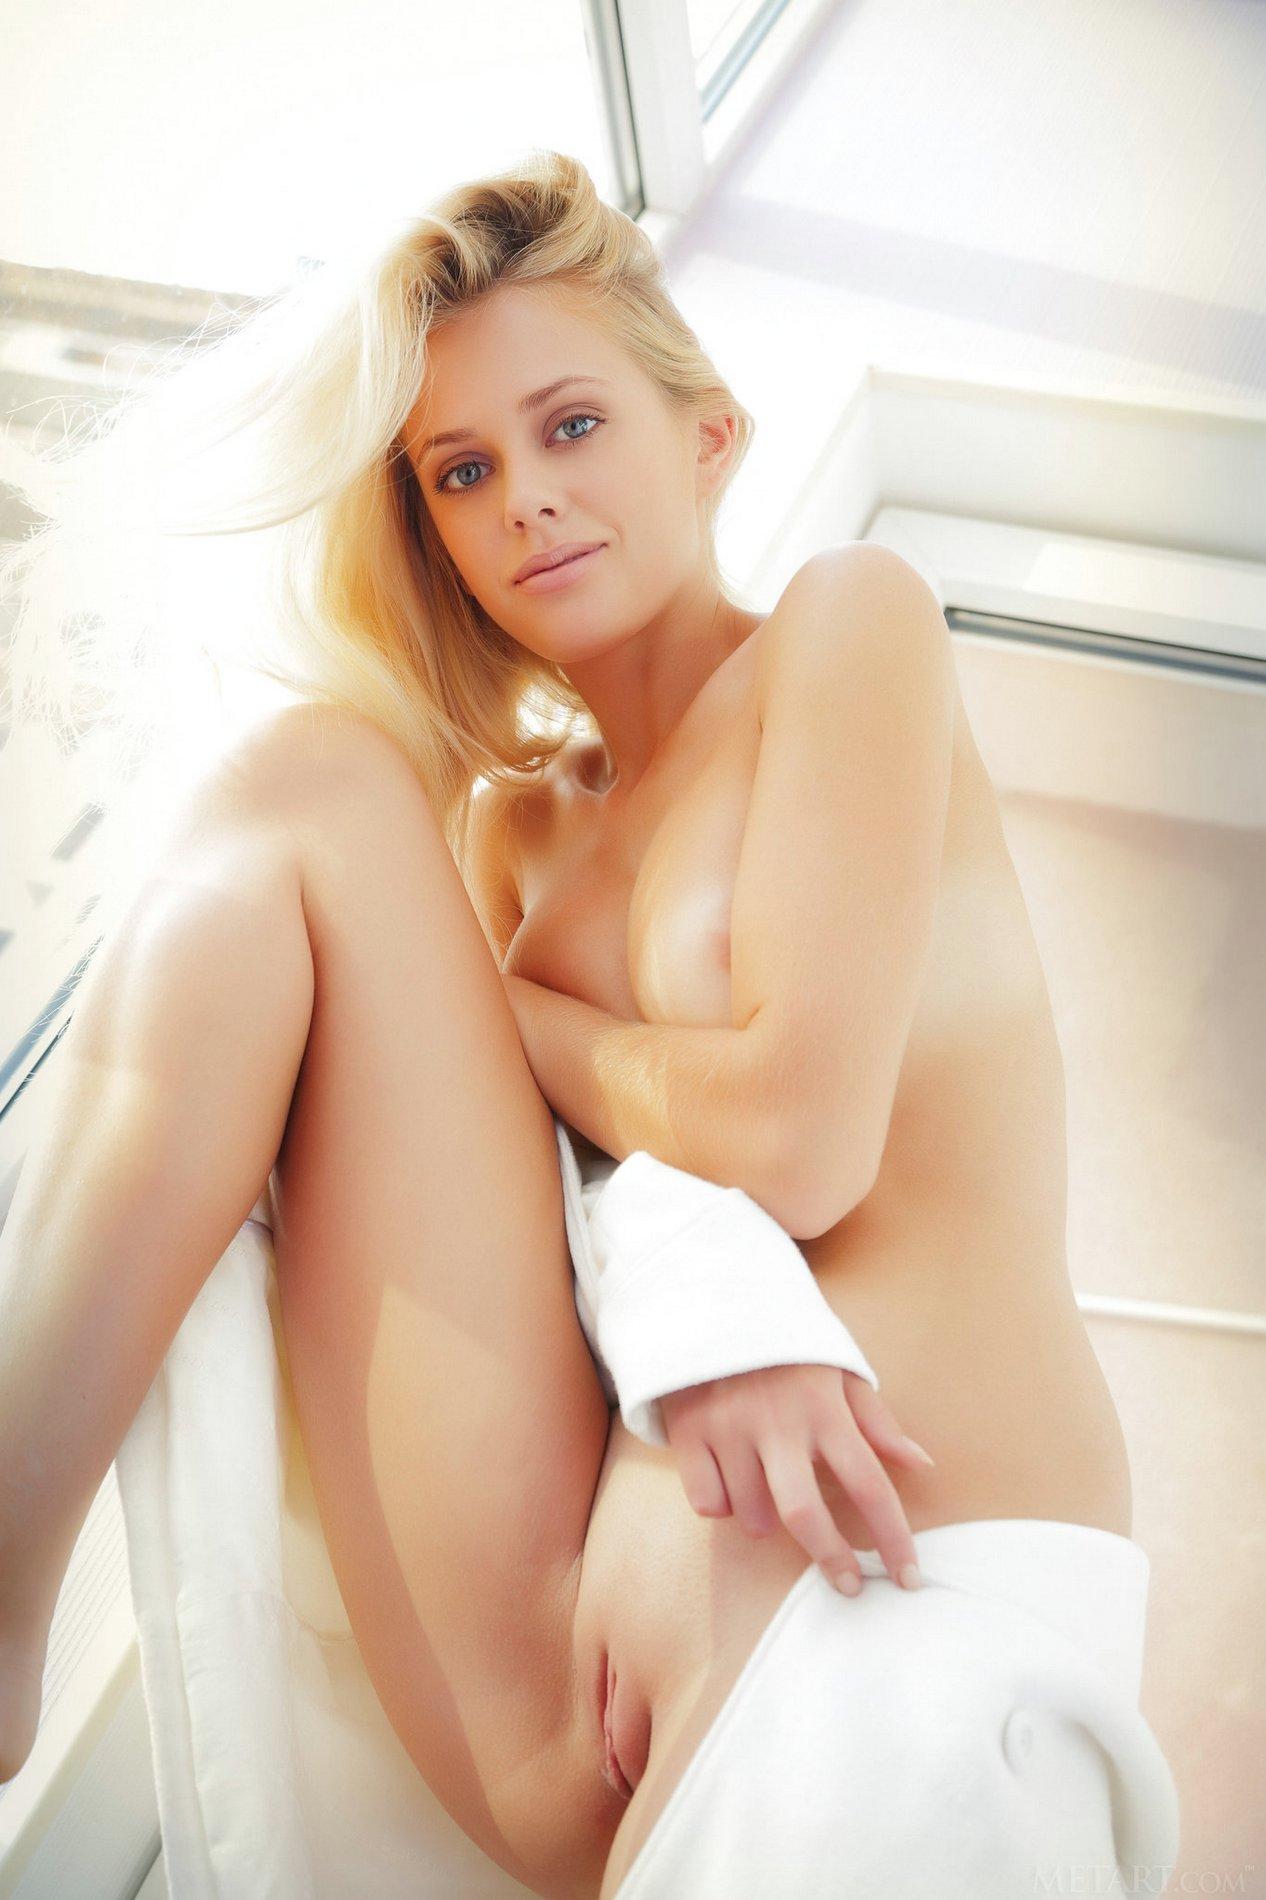 jennifer mackay nude model